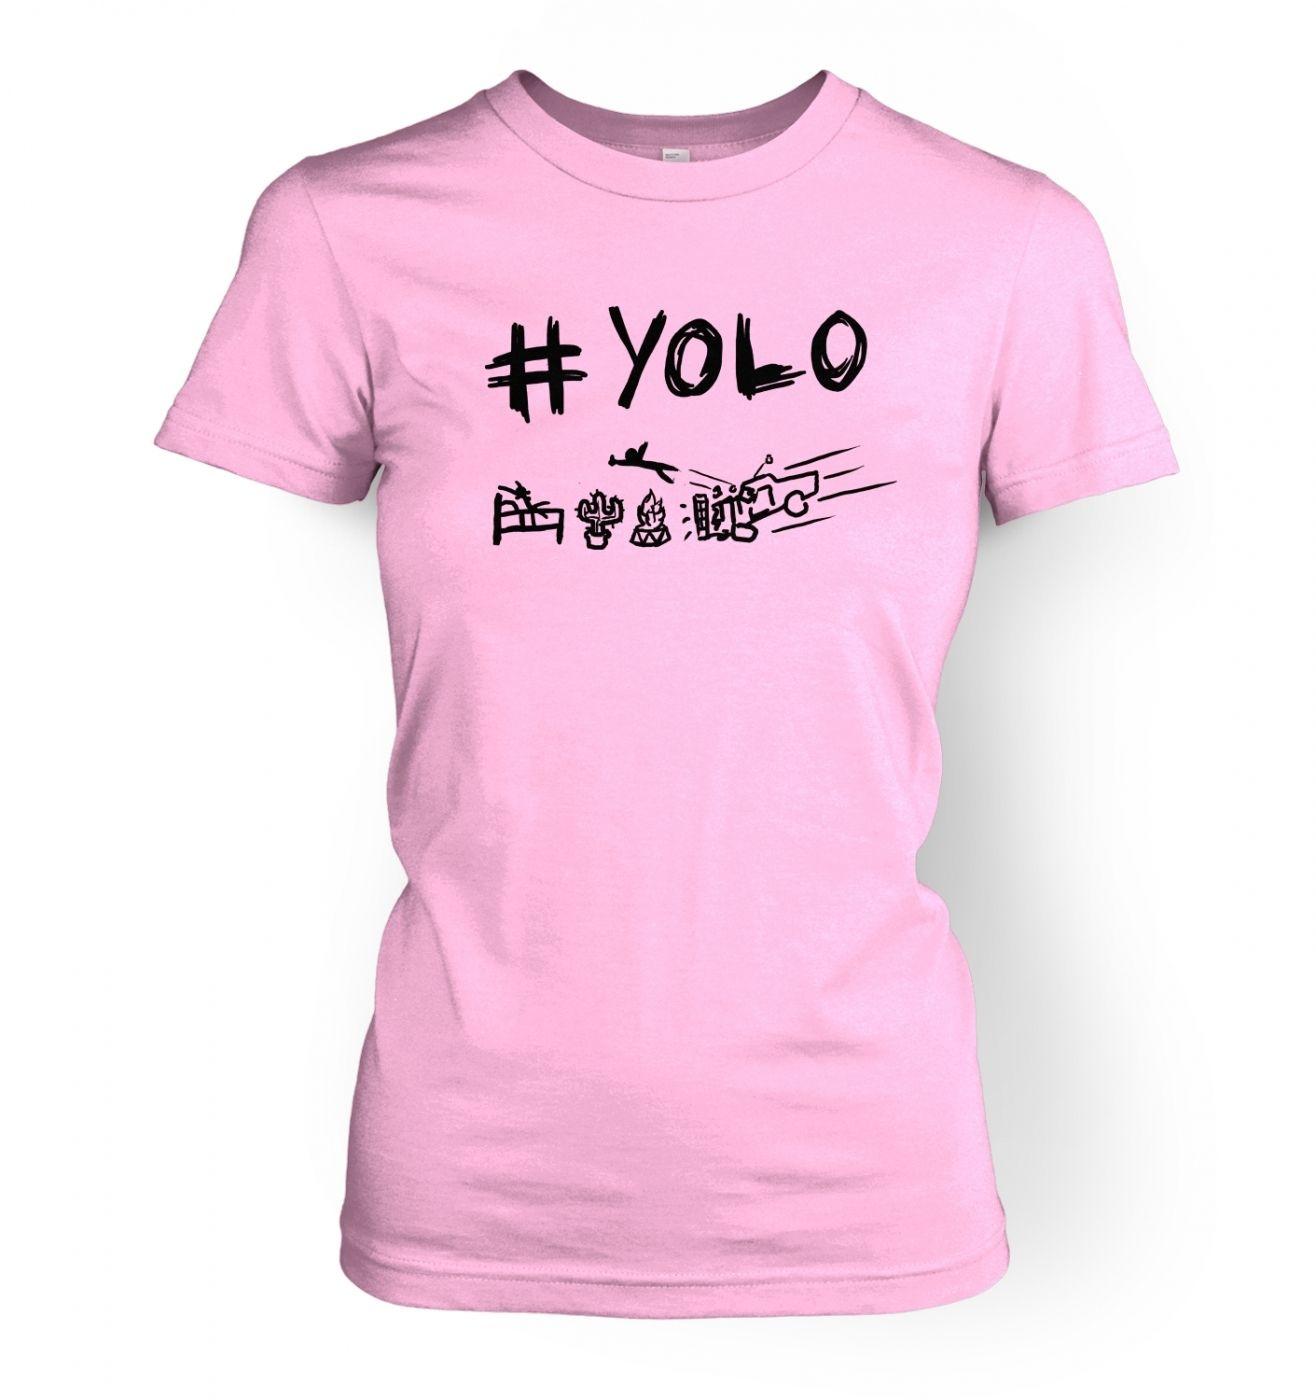 #YOLO women's t-shirt